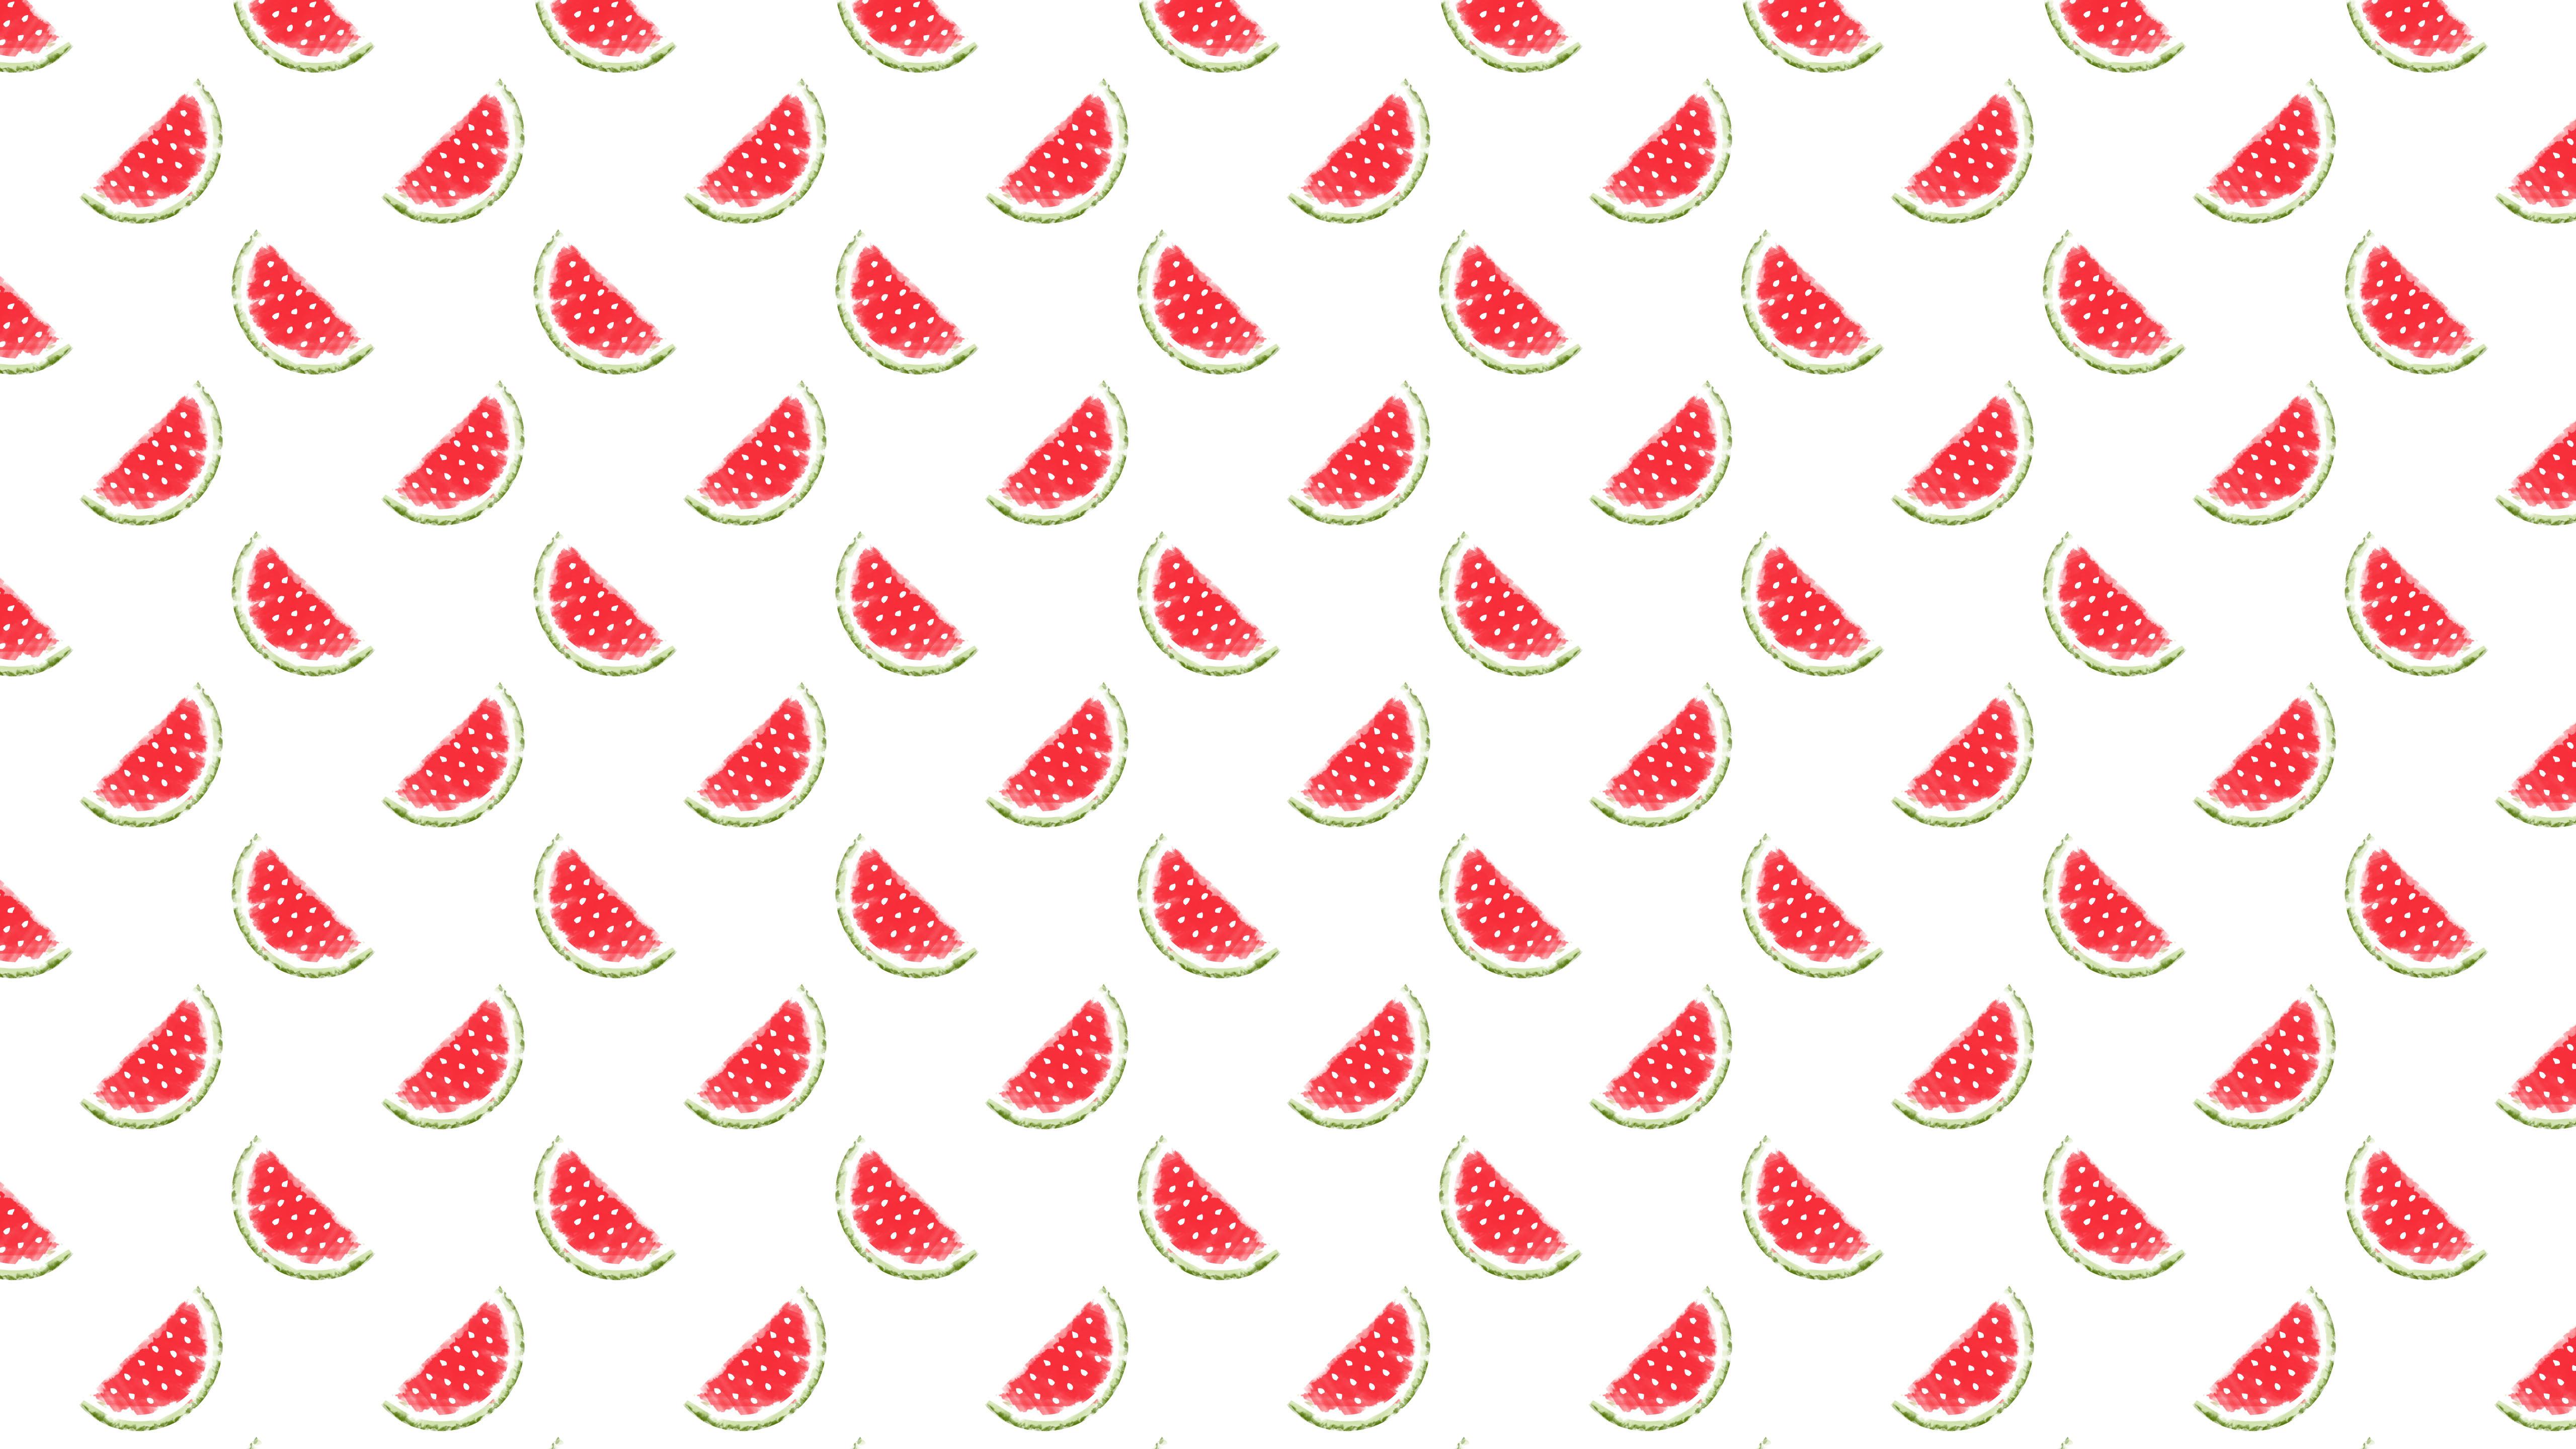 Pattern Illustration Fruit Watermelon Red Women Friendly